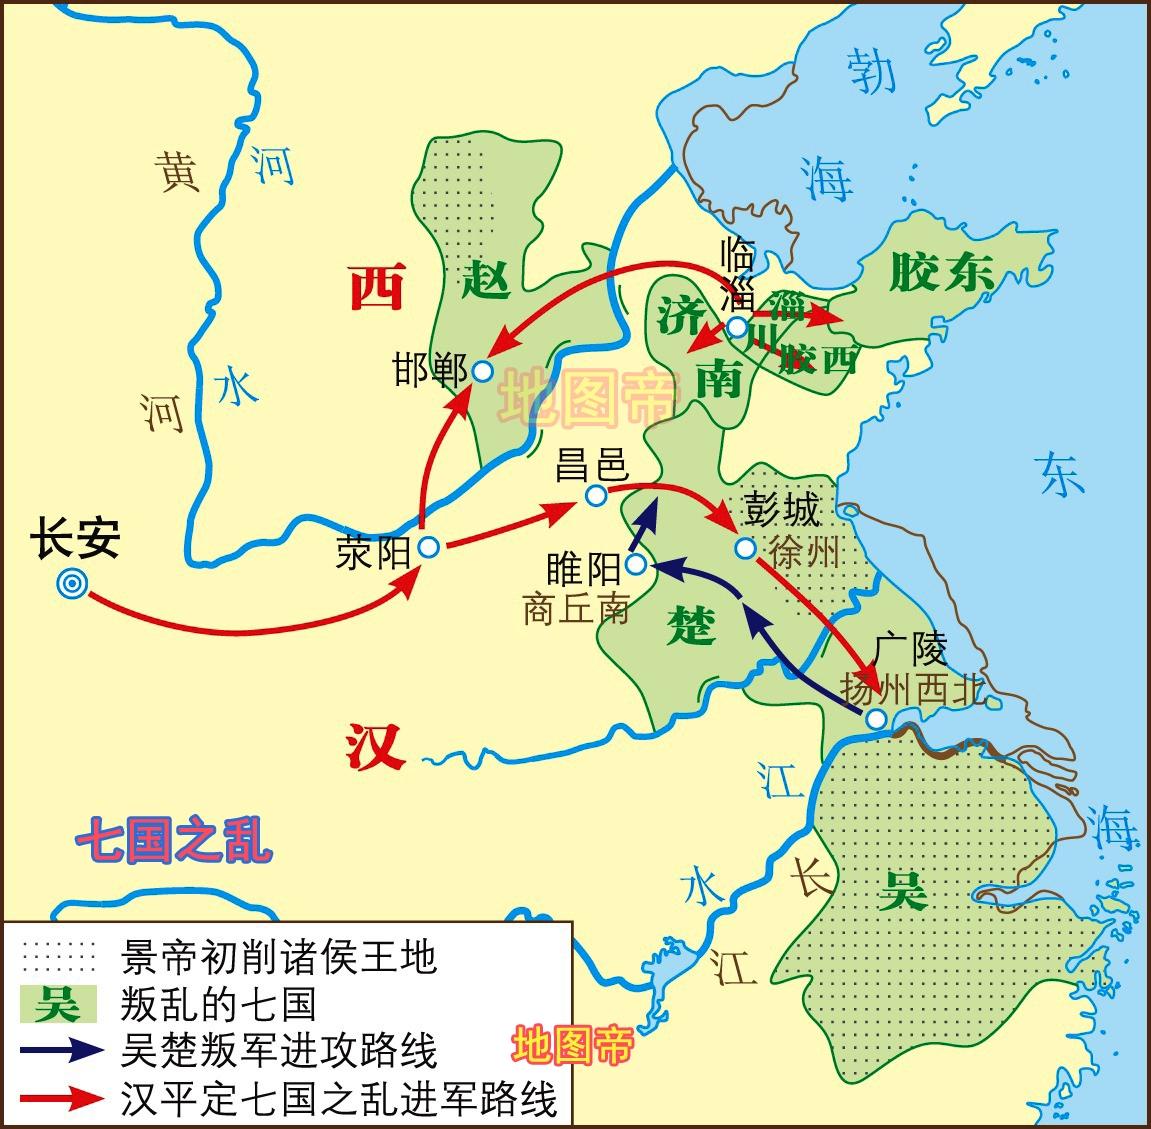 古代会稽郡包括苏南浙江和福建全省,为何越来越小?_百科TA说